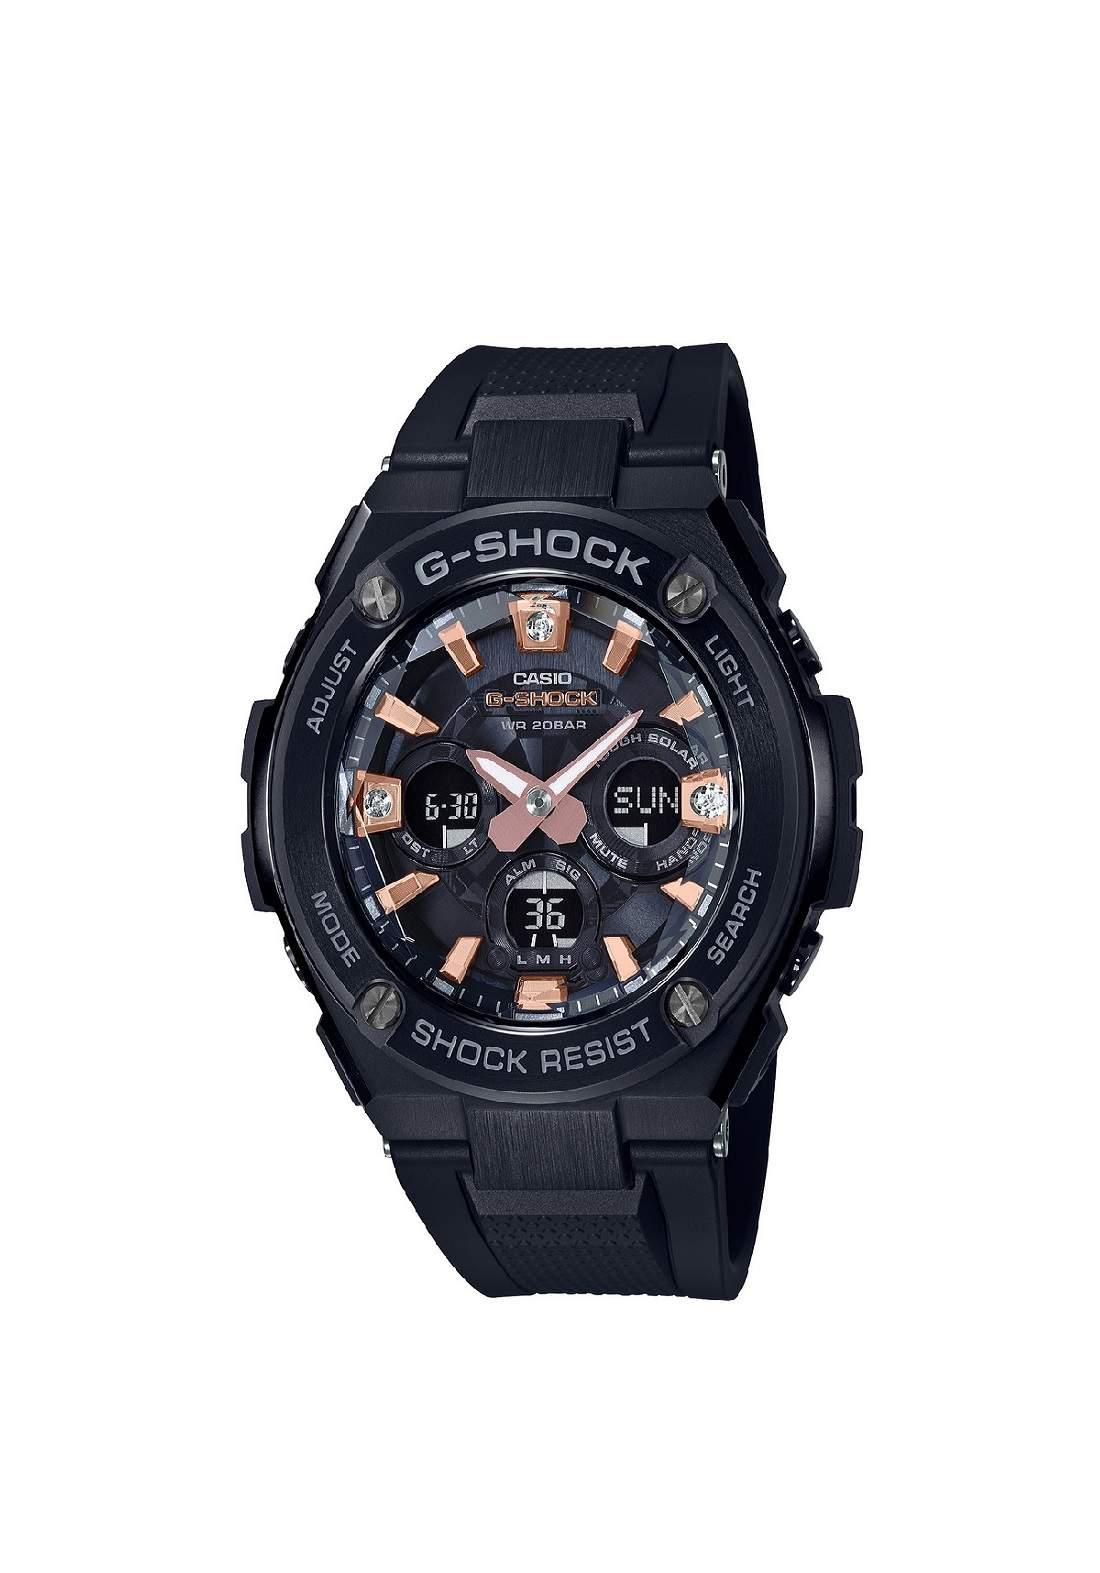 ساعة نسائية رياضية Casio GST-S310BDD-1ADR سوداء اللون